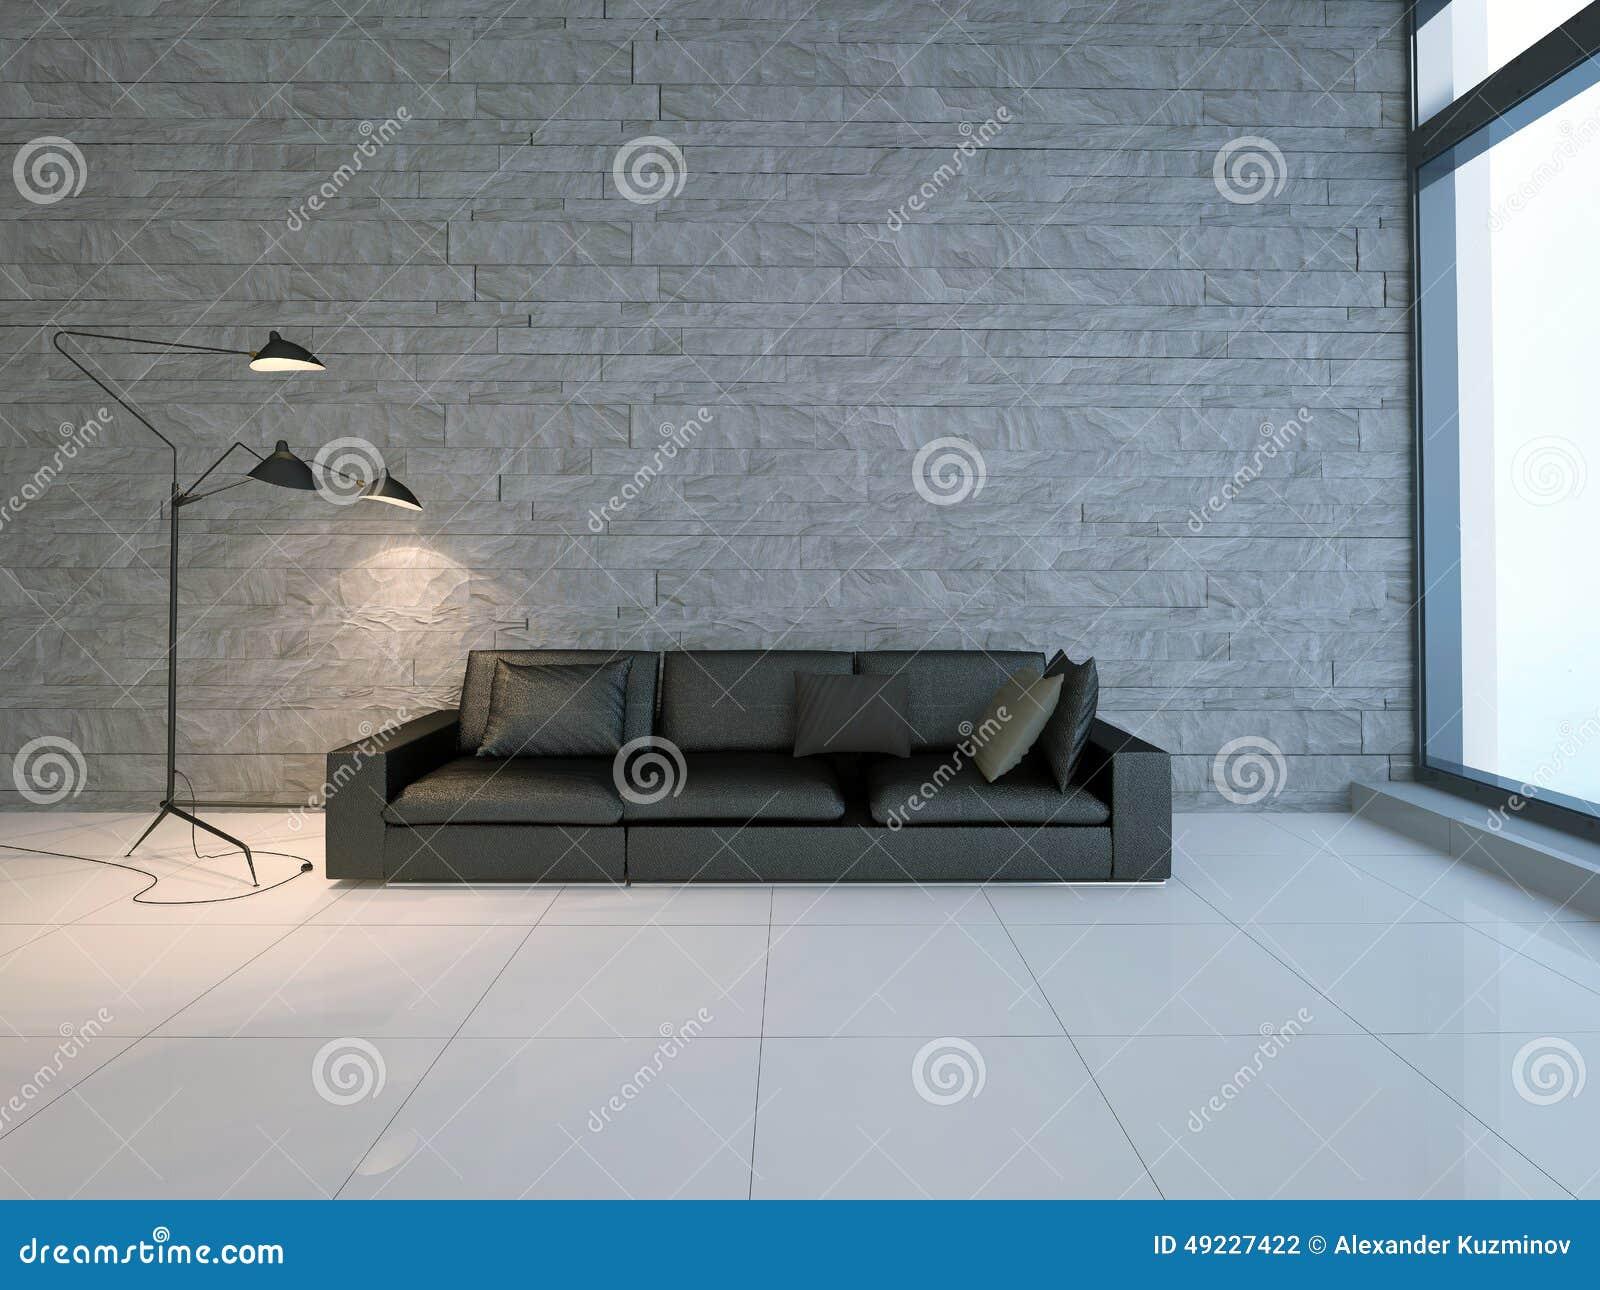 wohnzimmer sofa im raum:Couch Im Raum Stock Abbildung – Bild: 49227422